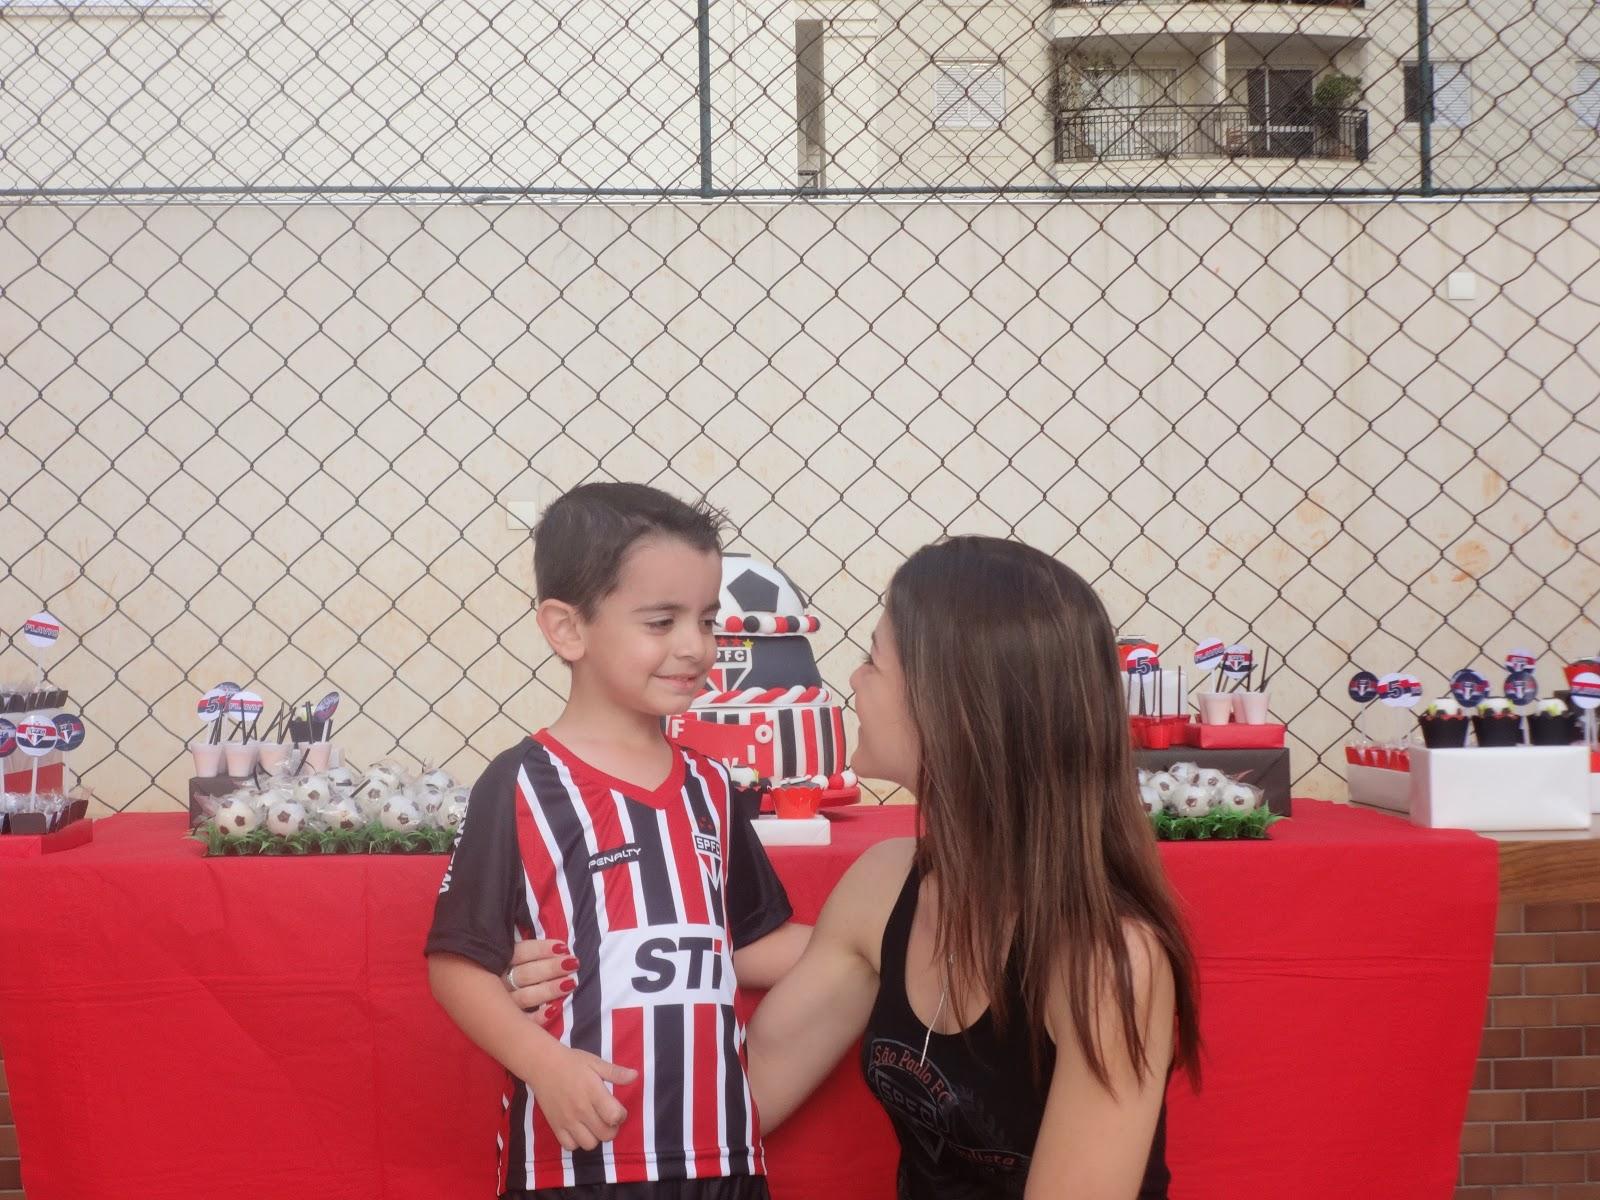 Mãe Sem Frescura - Dicas para Aniversário de 5 anos - Tema Futebol (São Paulo)